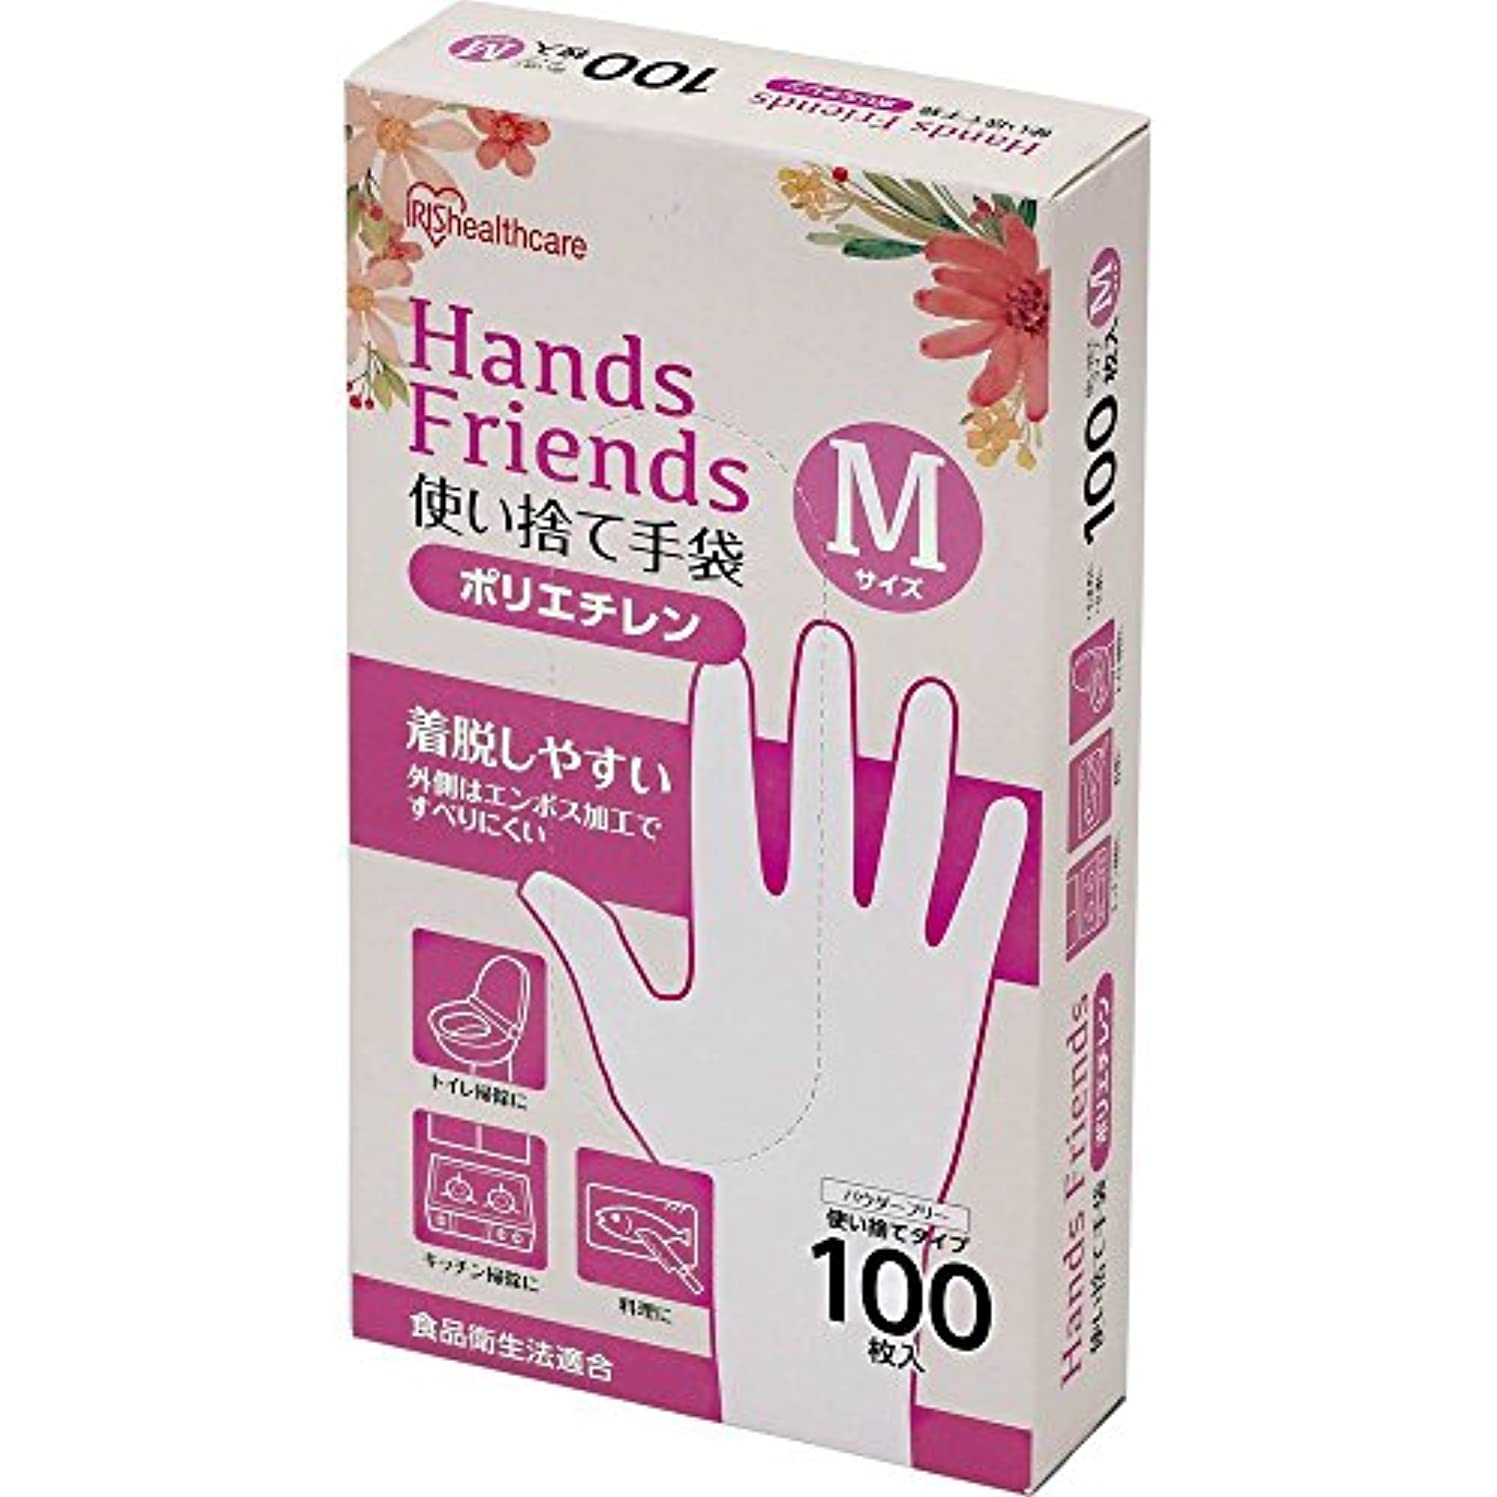 とは異なり拮抗調べる使い捨て手袋 ポリエチレン手袋 Mサイズ 粉なし パウダーフリー クリア 100枚入